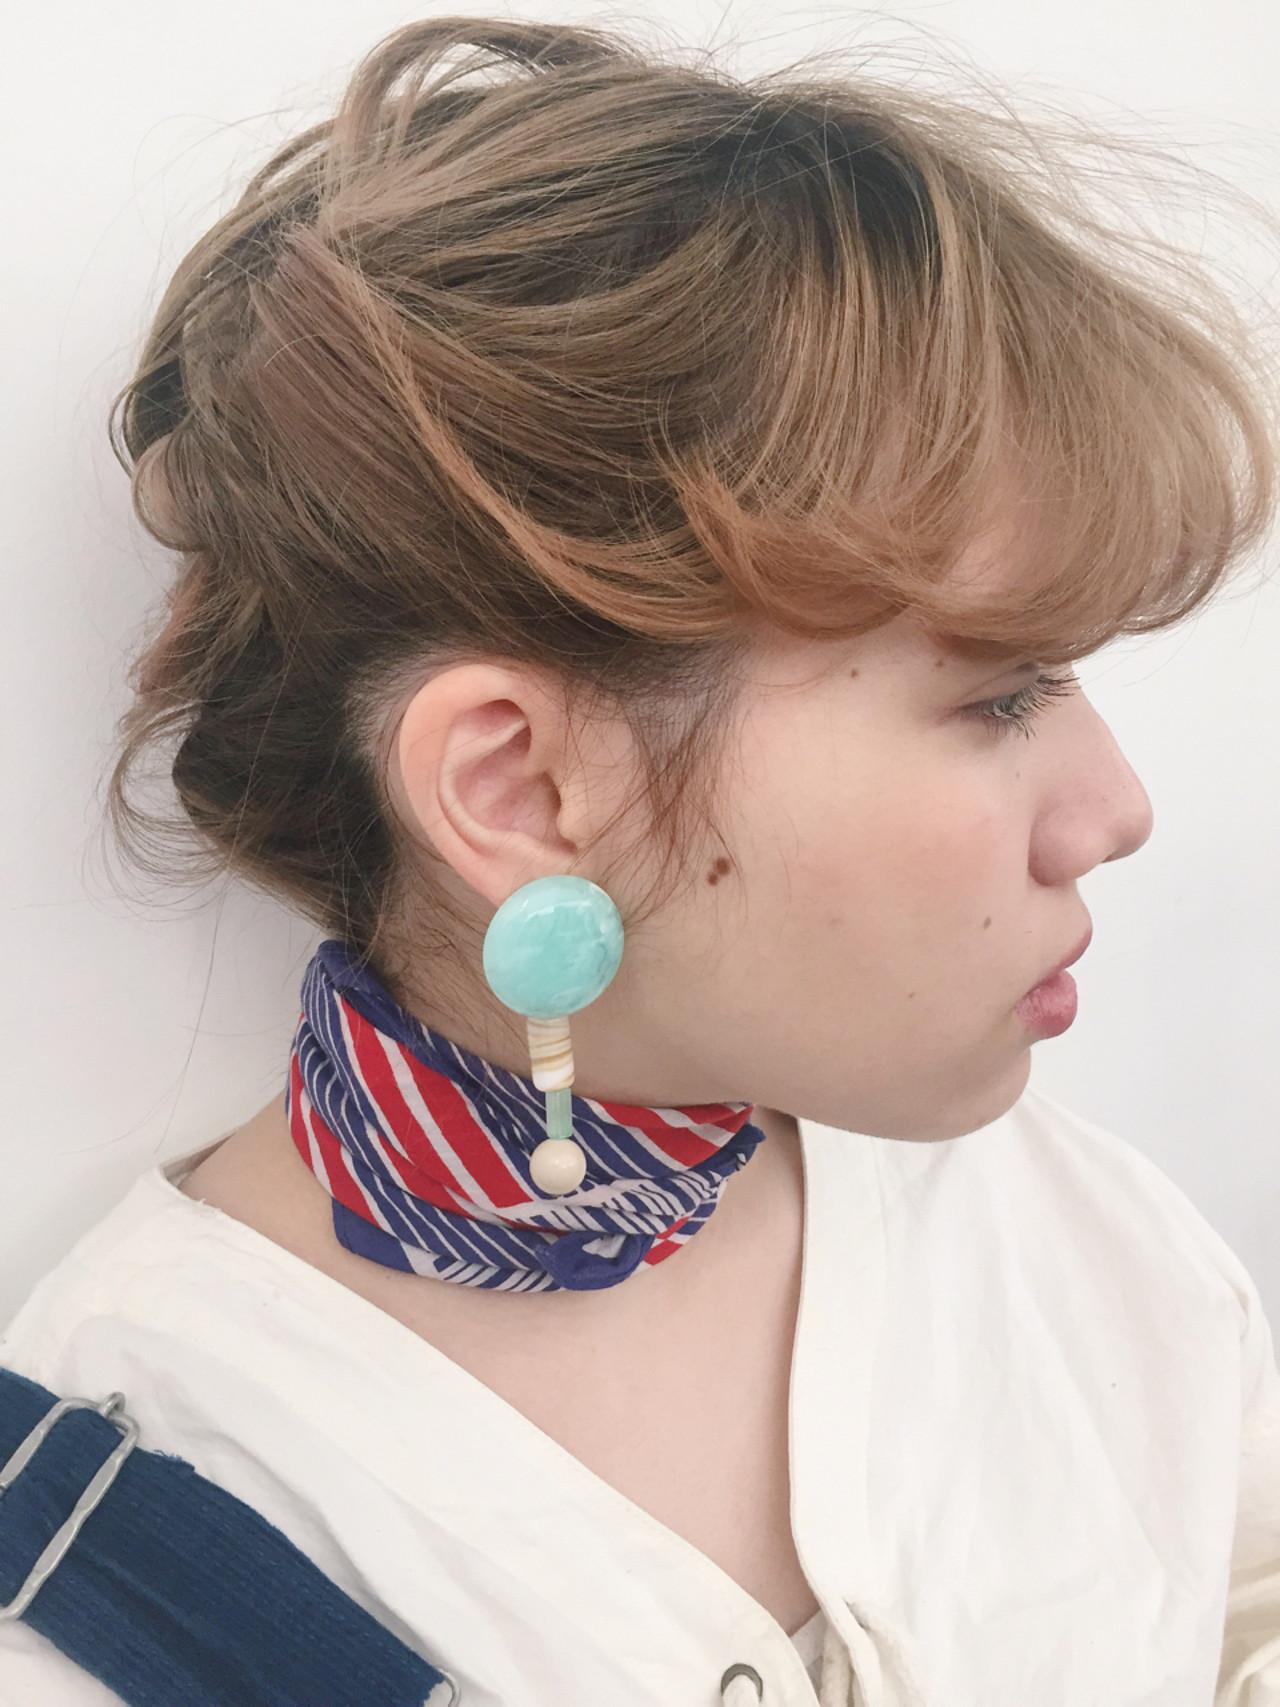 2016年春夏トレンド!スカーフ&チョーカー×ヘアスタイルで作れる簡単ファッションをご紹介☆ 山下 純平 / nanuk